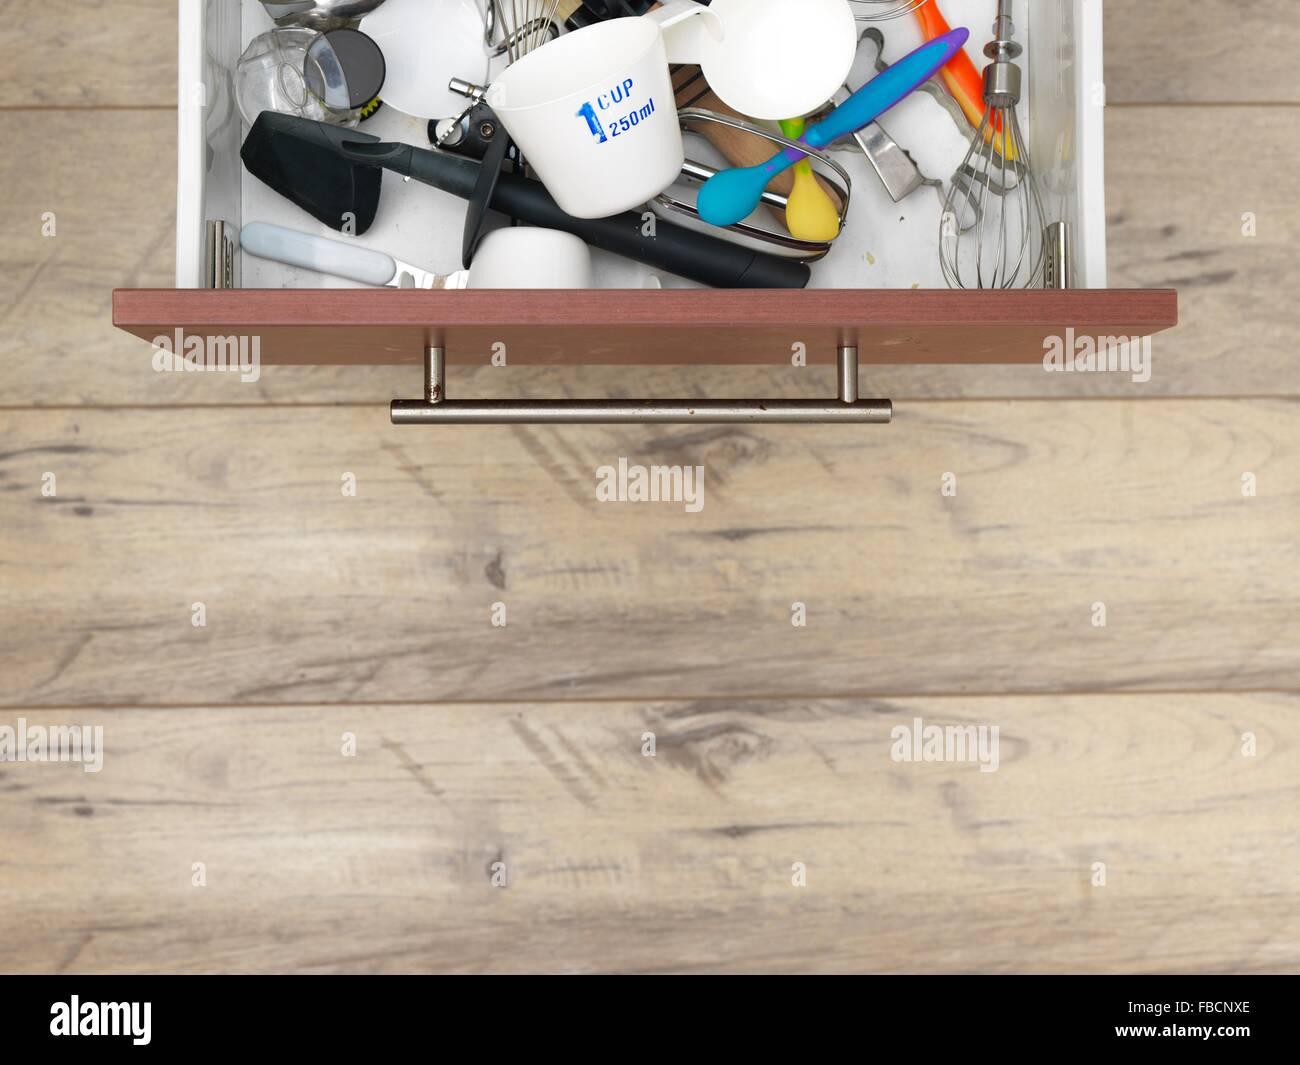 Un studio foto di un cassetto da cucina Immagini Stock